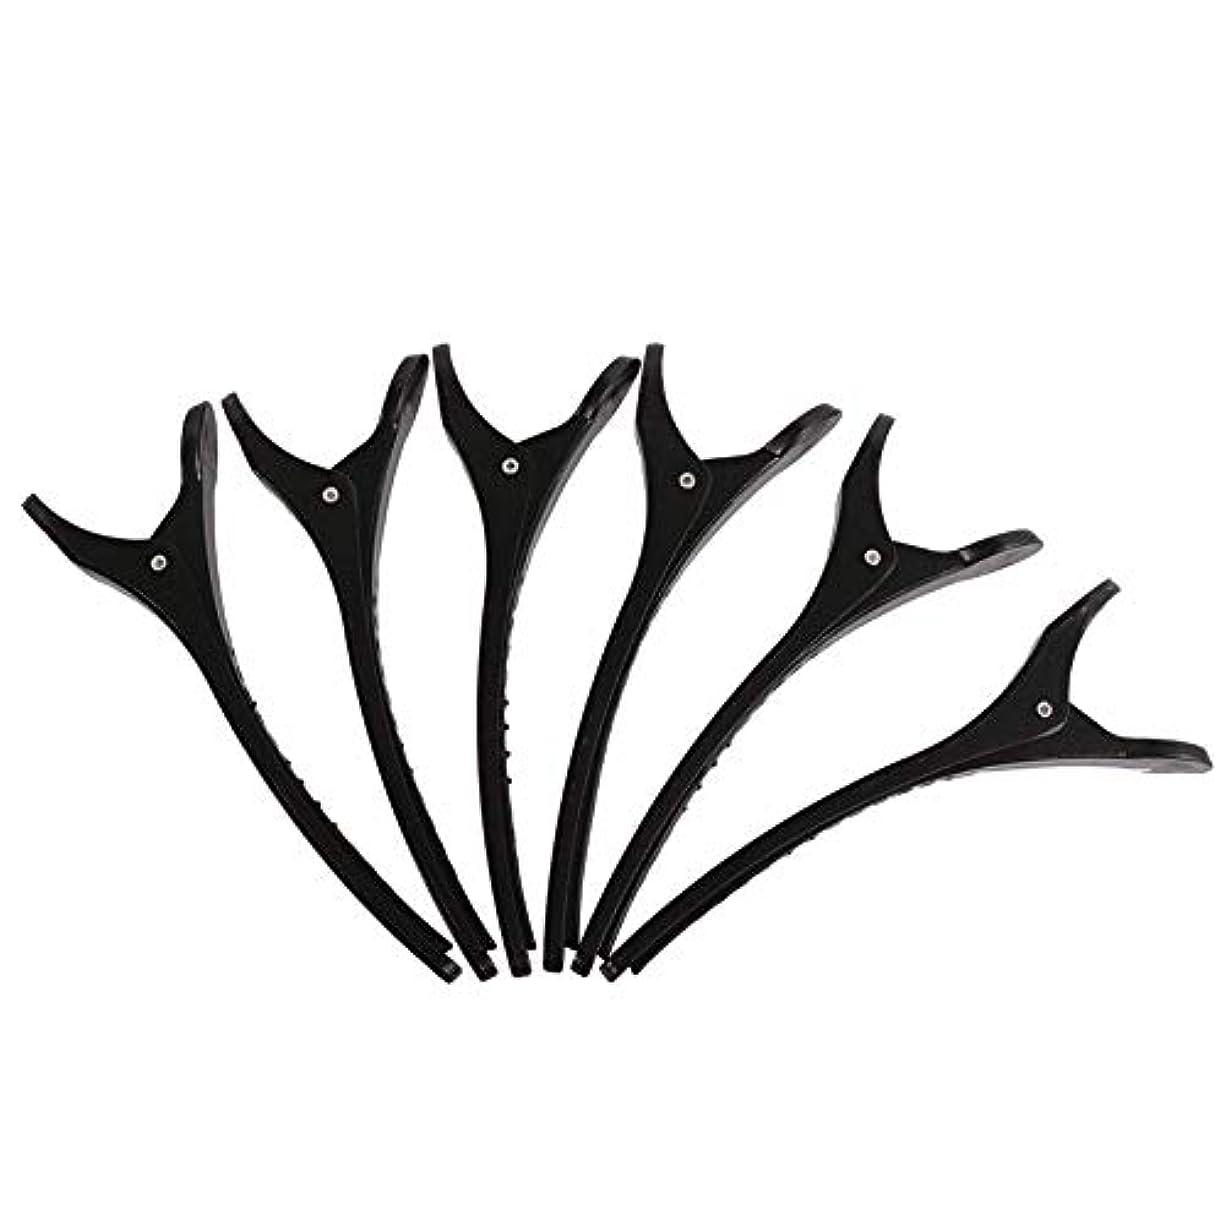 スローモードリンシェトランド諸島専門のプラスチック製のヘアクリップ6本の歯アヒルの弓のヘアピン多機能プライヤーは、女性、子供や赤ちゃんDIYヘアアクセサリーフォークワニのためにスリップ